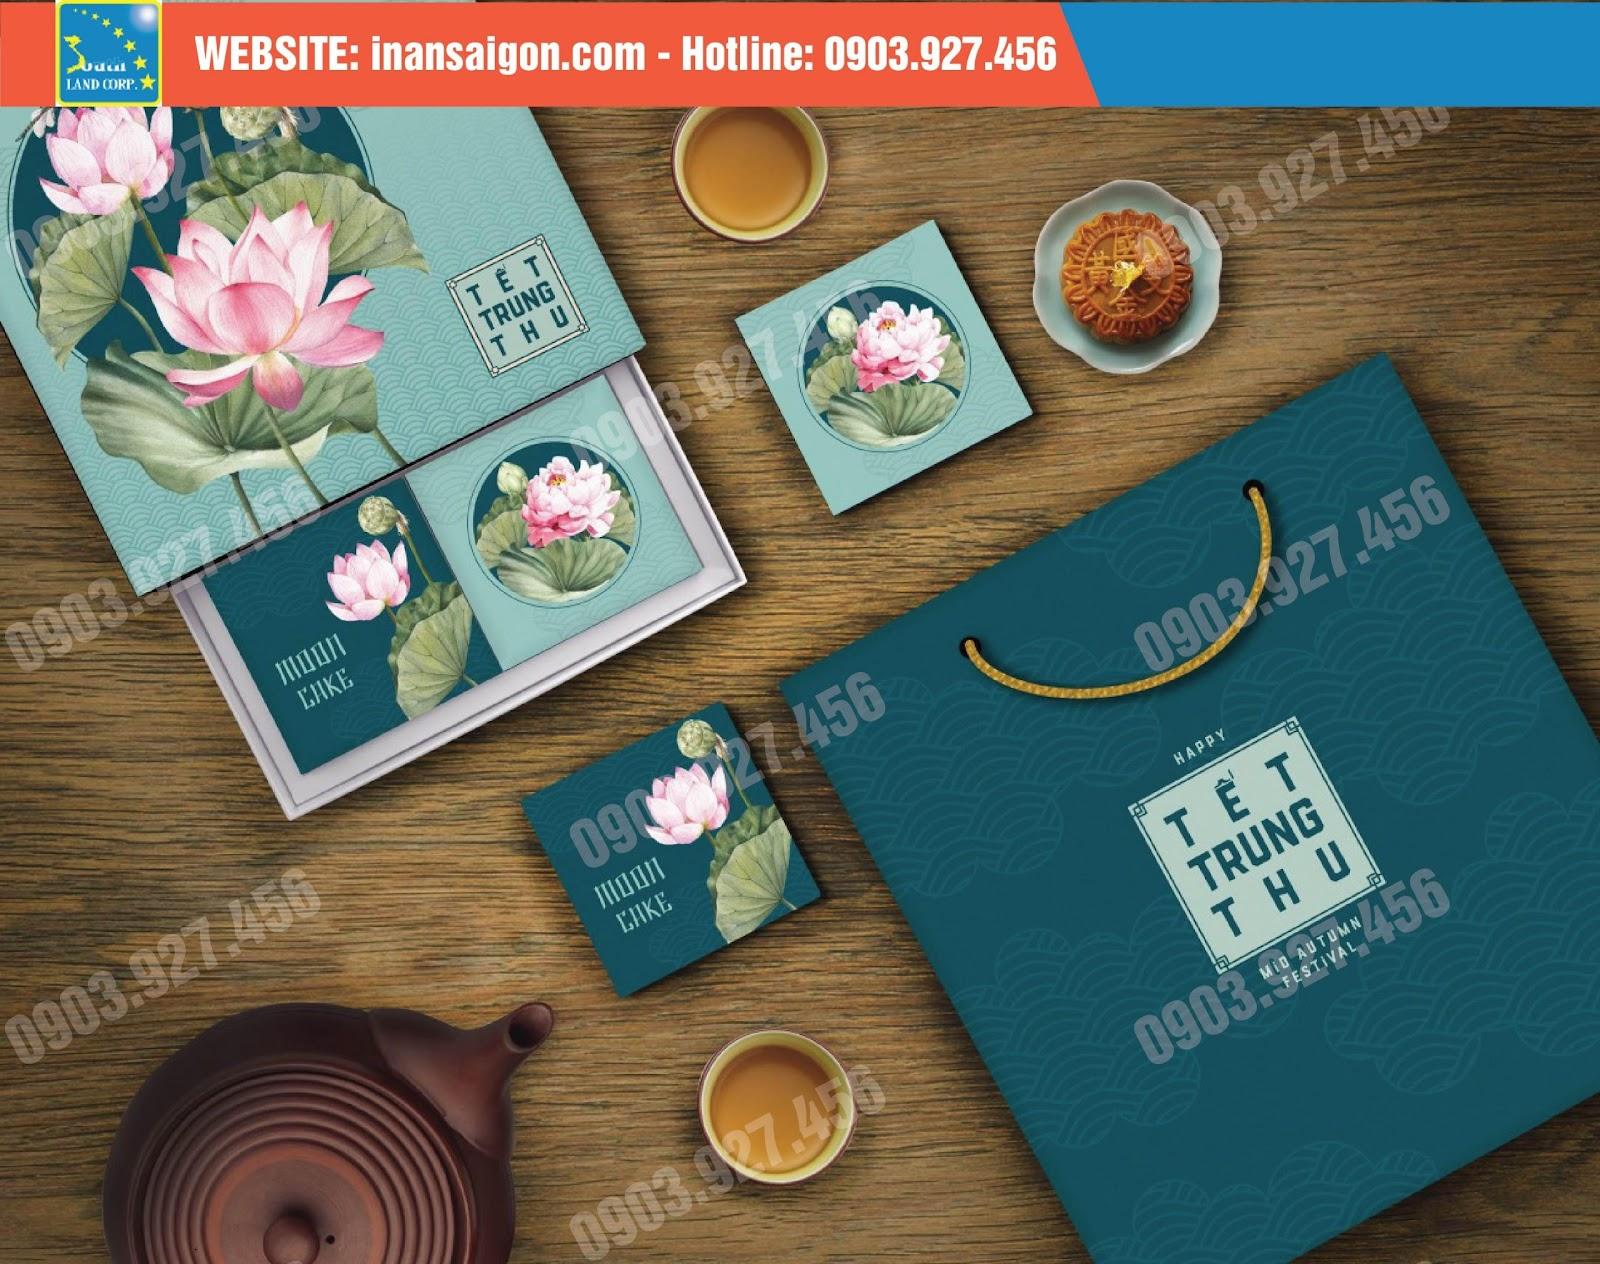 họa tiết hoa sen tinh tế trên hộp